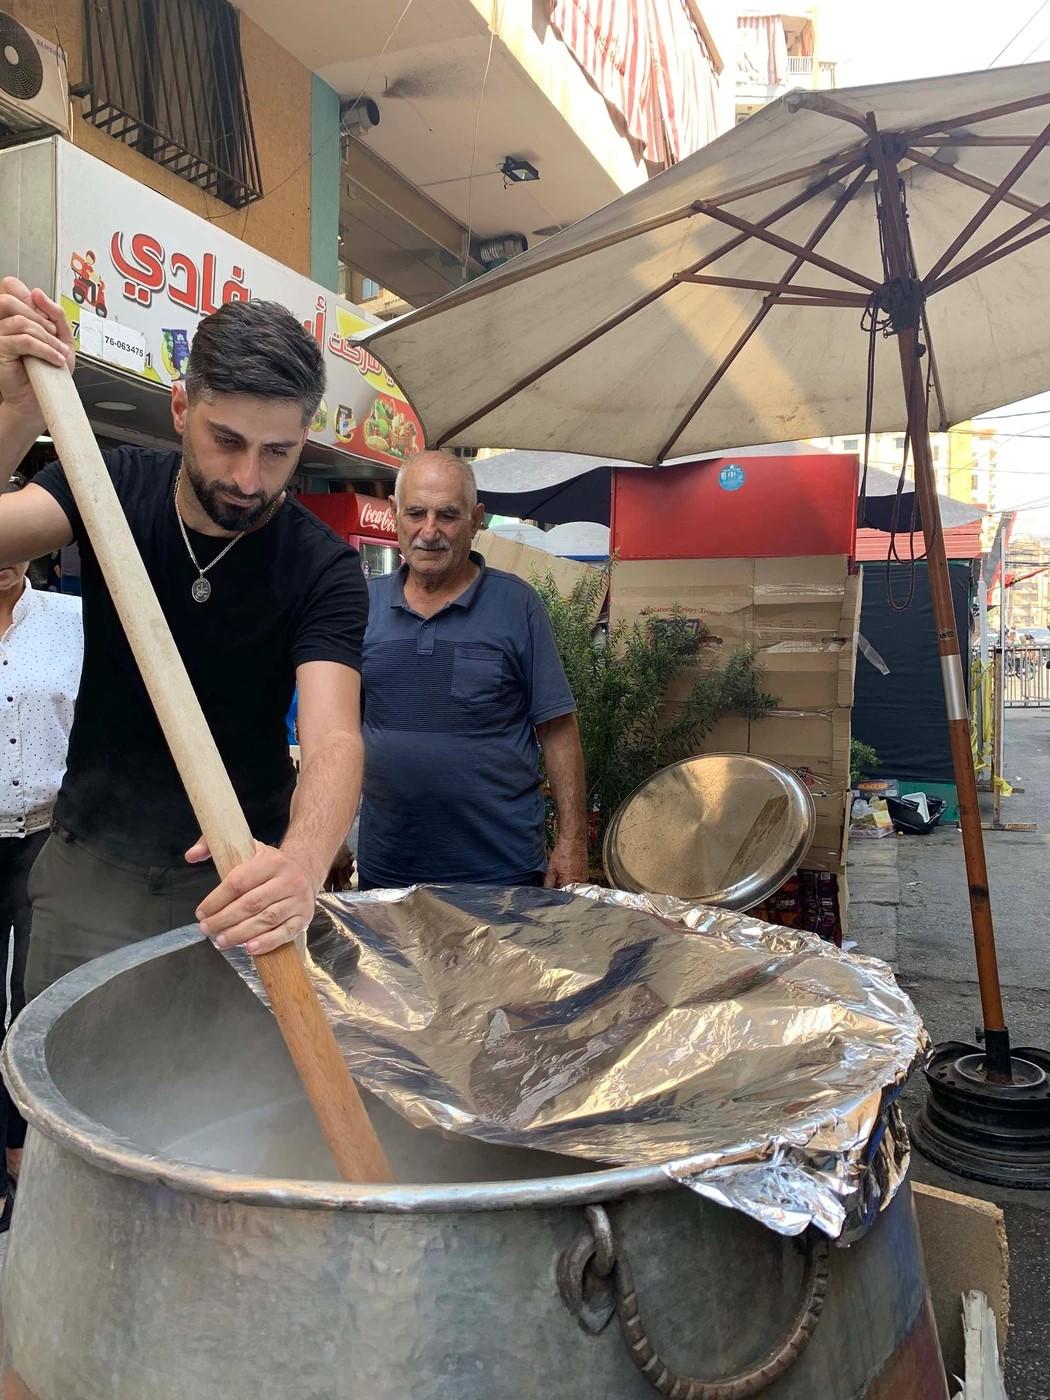 مشاهد عاشوراء لبنان من حارات الضاحية: ورد وبسكويت وجدّات سعيدات..